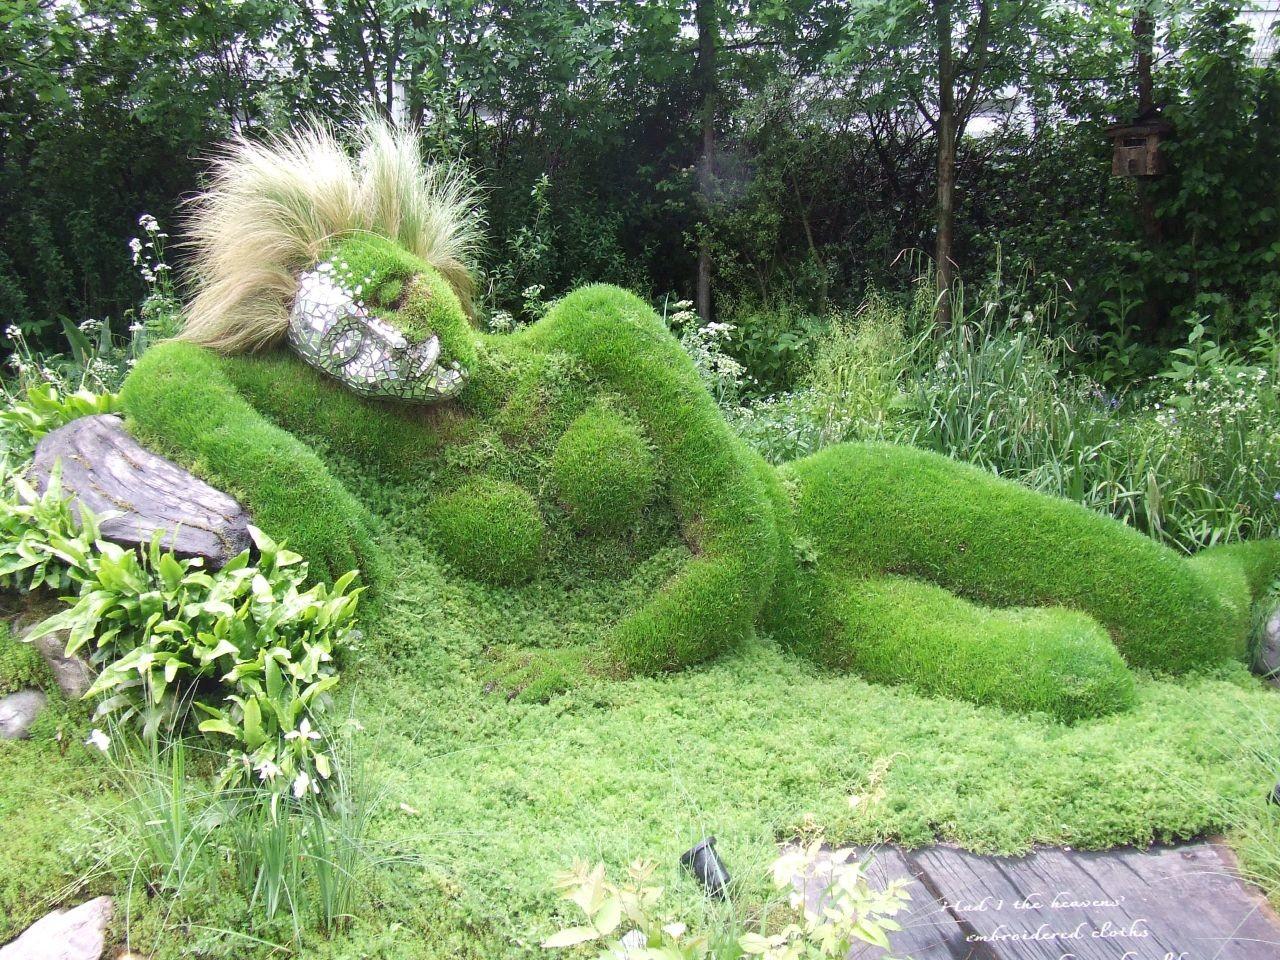 まるで巨神が眠る庭。イギリスの「ロスト・ガーデンズ・オブ・ヘリガン」がとても神秘的